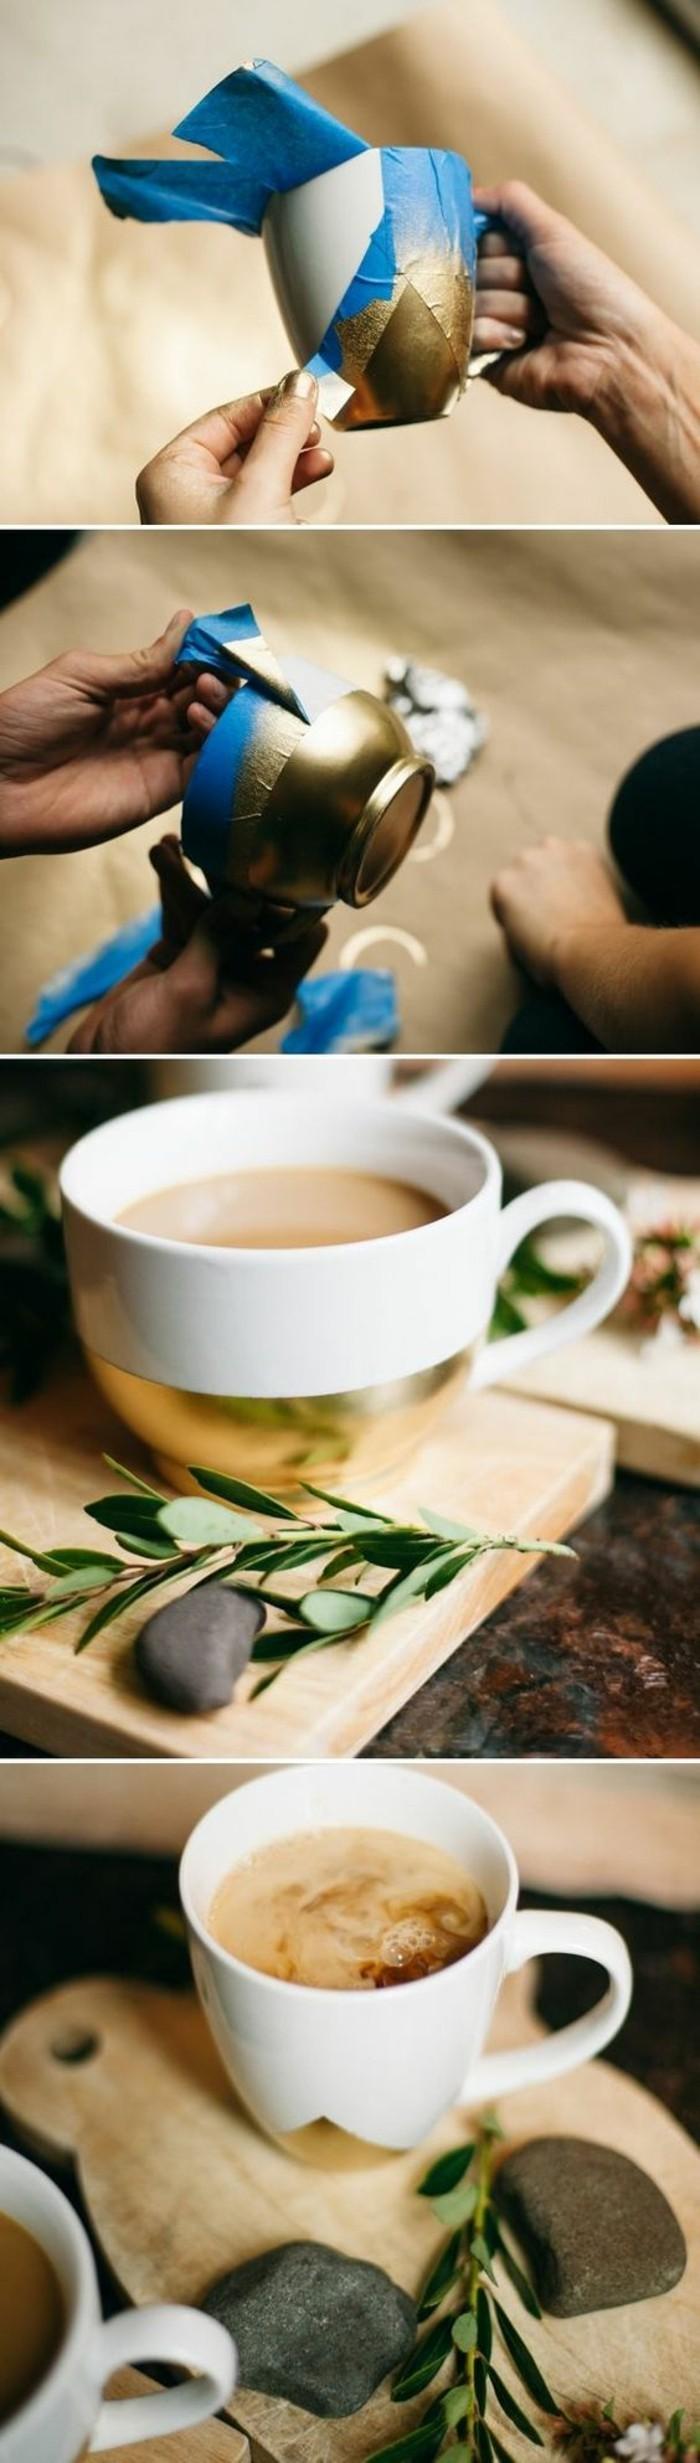 Decorazioni tazza da caffè. tutorial decorazioni con colori, pensierini carini